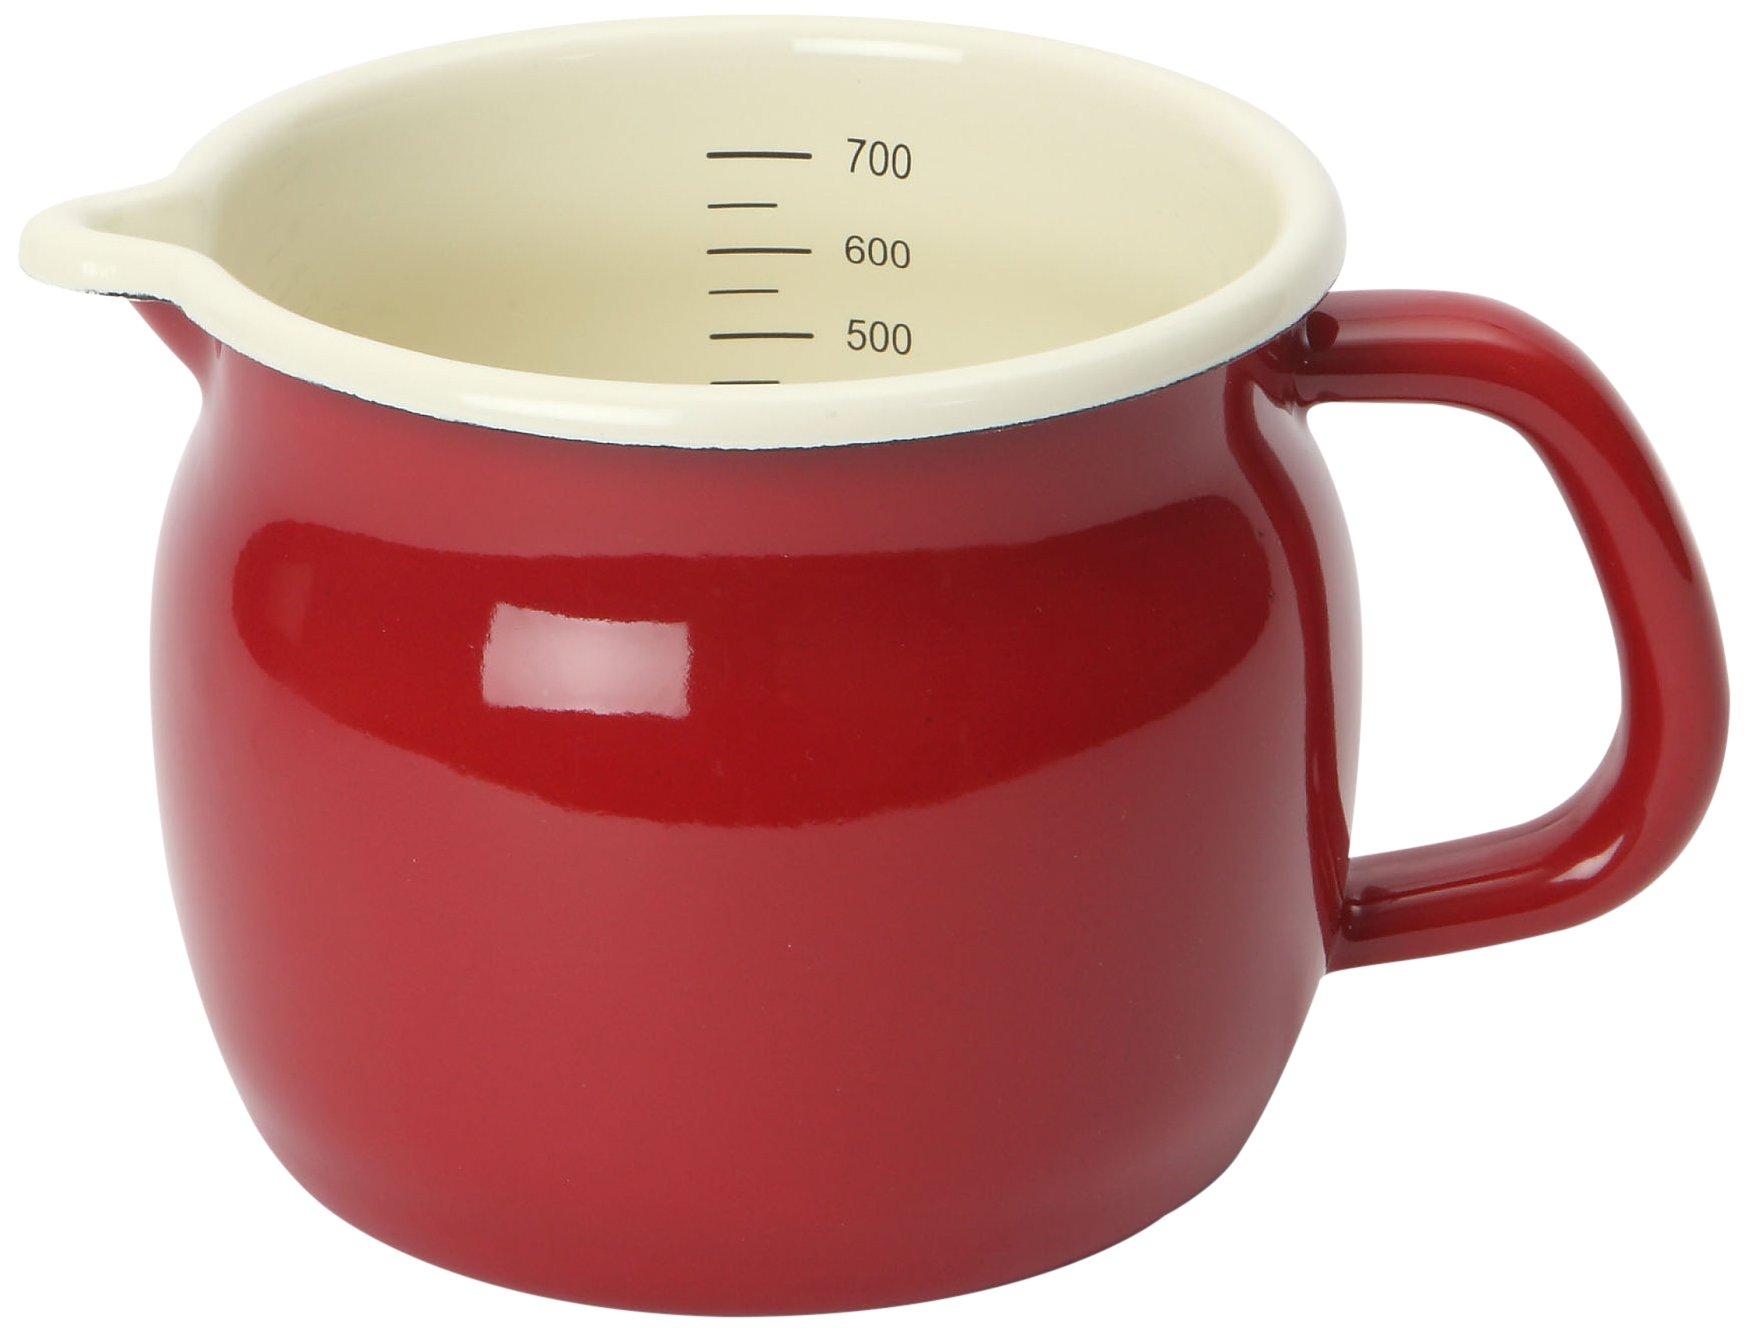 Faringdon 0.8 LTR Claret Measuring Cup, 1 EA by Dexam